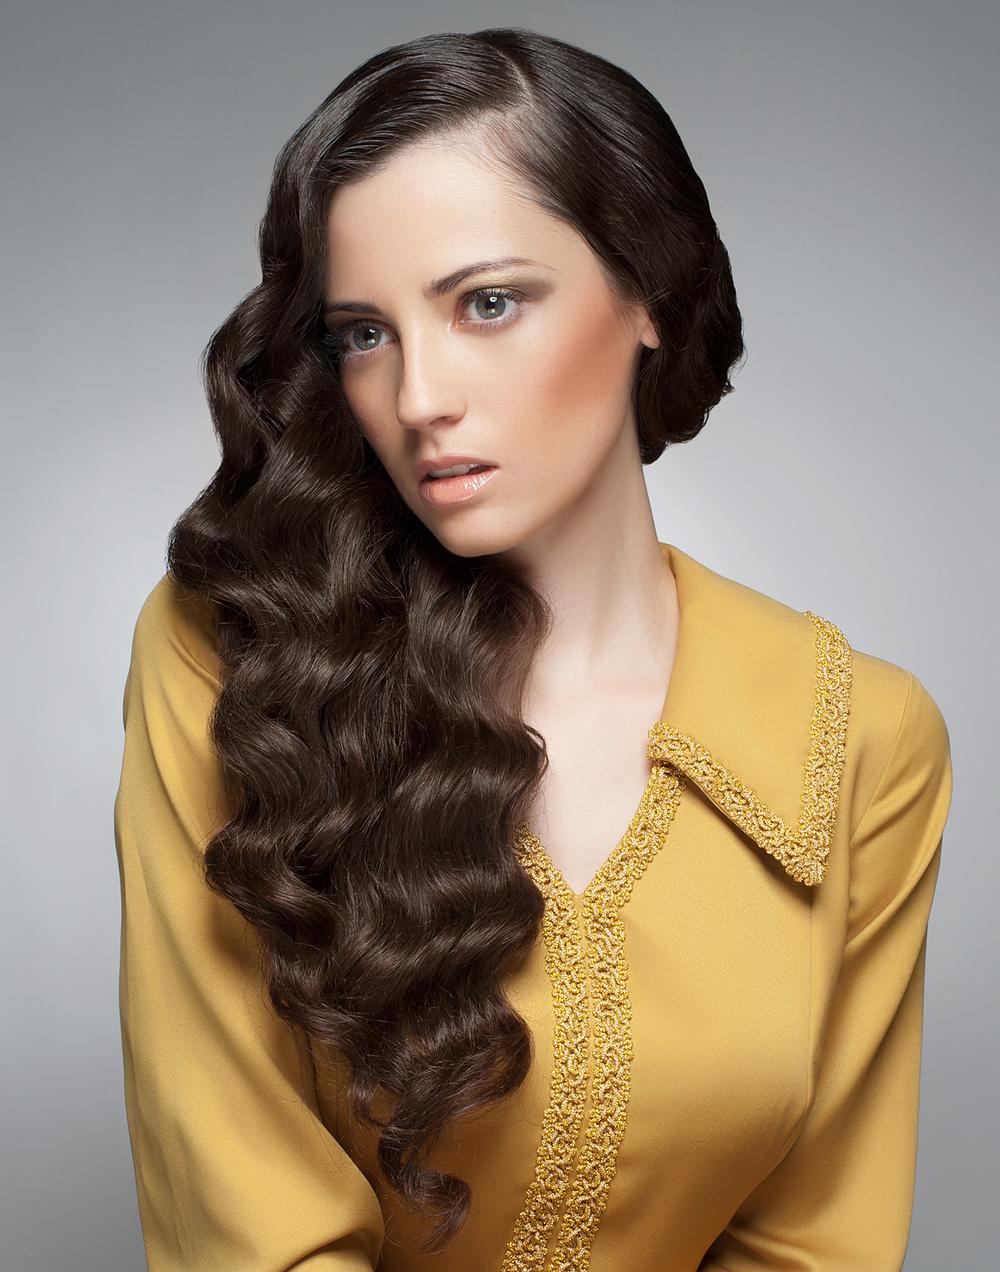 Hair-Brunette2.jpg